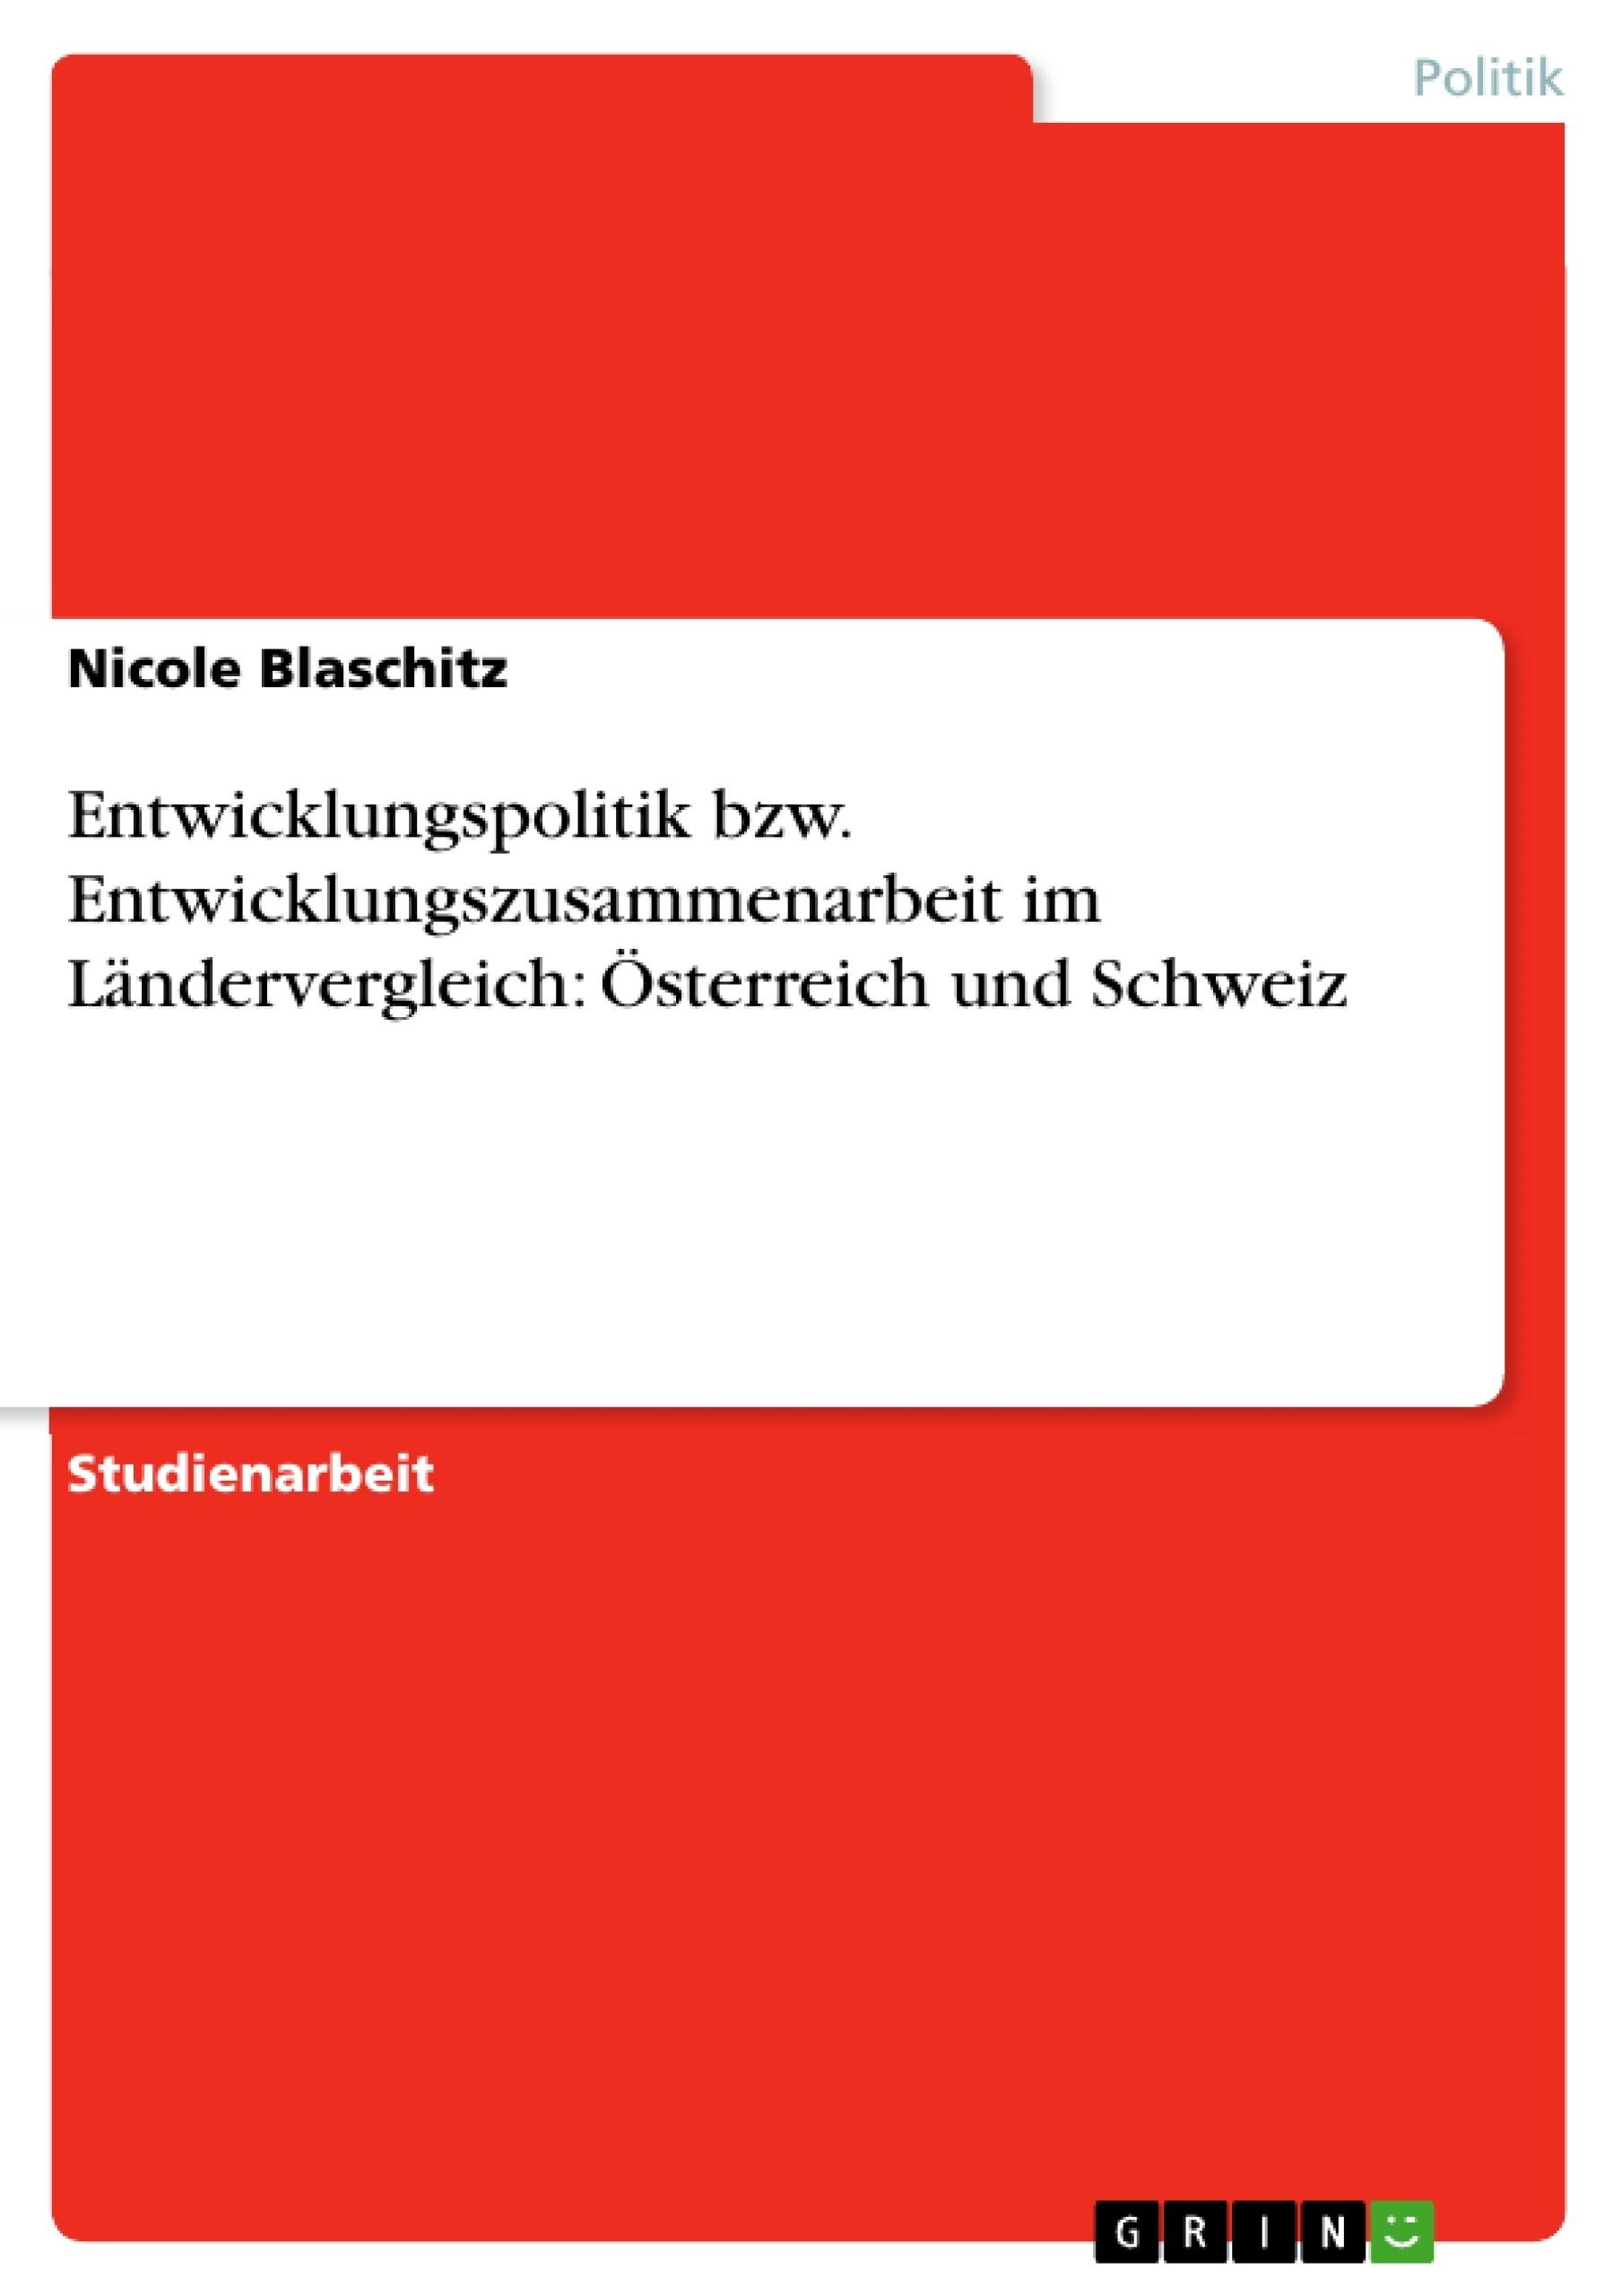 Titel: Entwicklungspolitik bzw. Entwicklungszusammenarbeit im Ländervergleich: Österreich und Schweiz